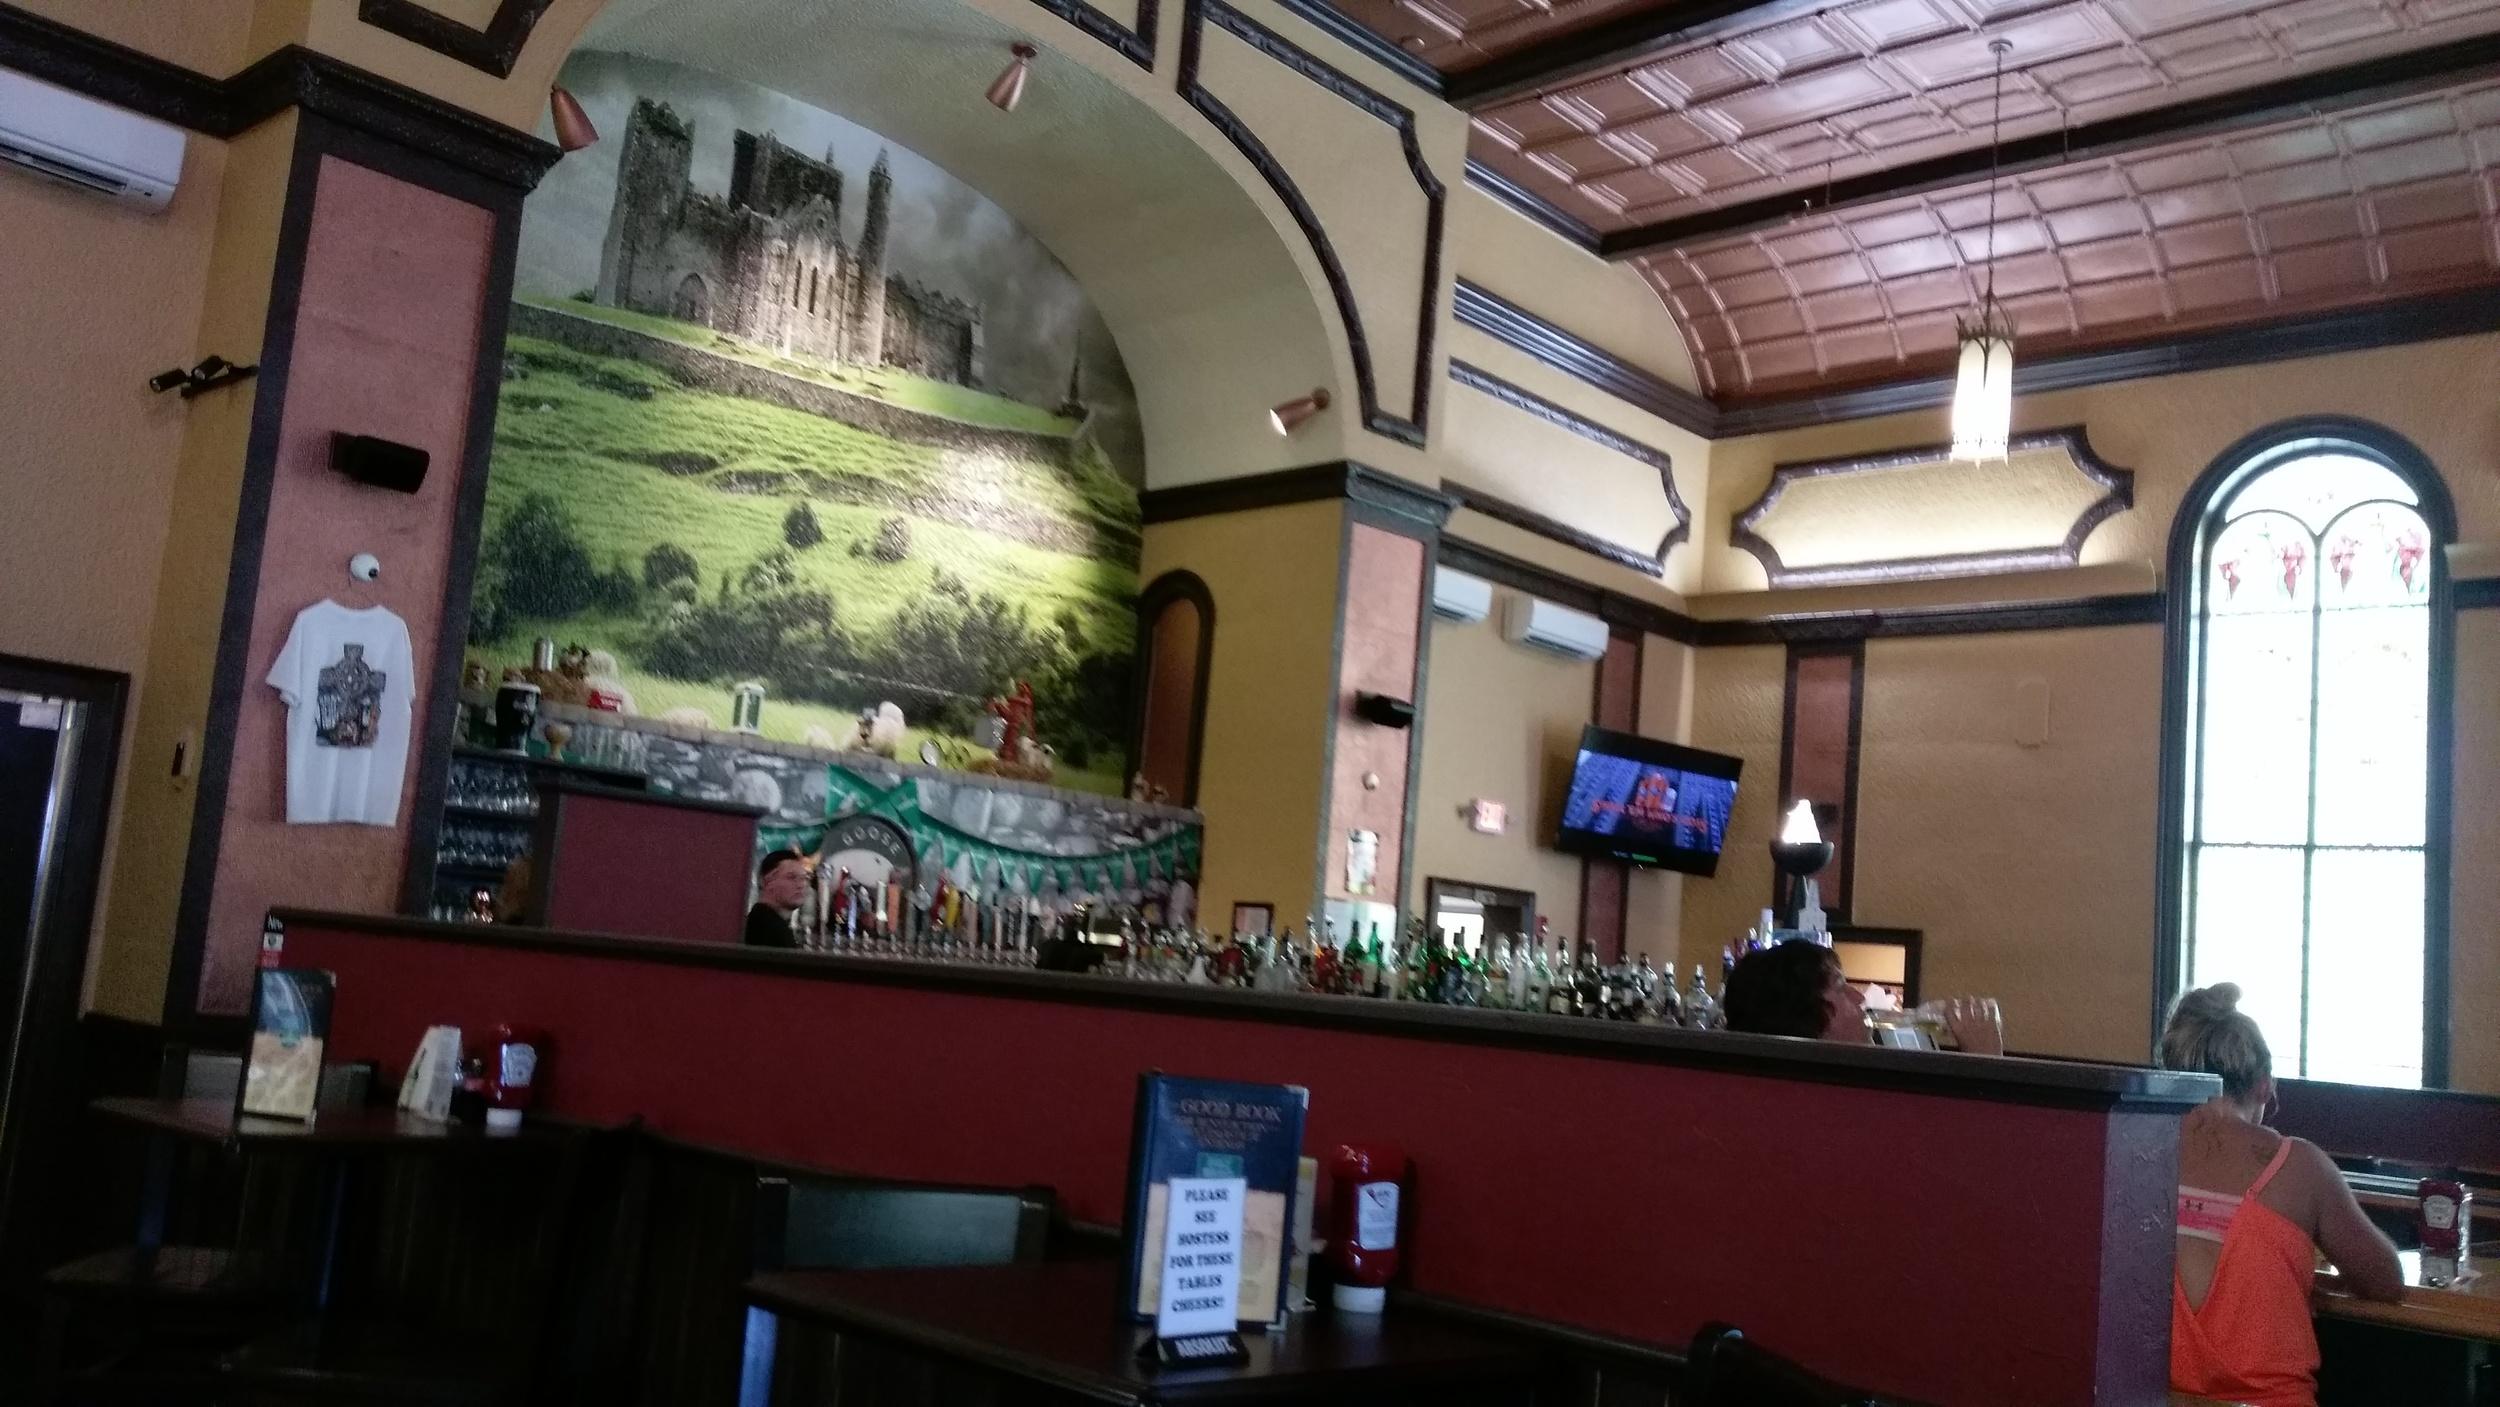 The bar in the church